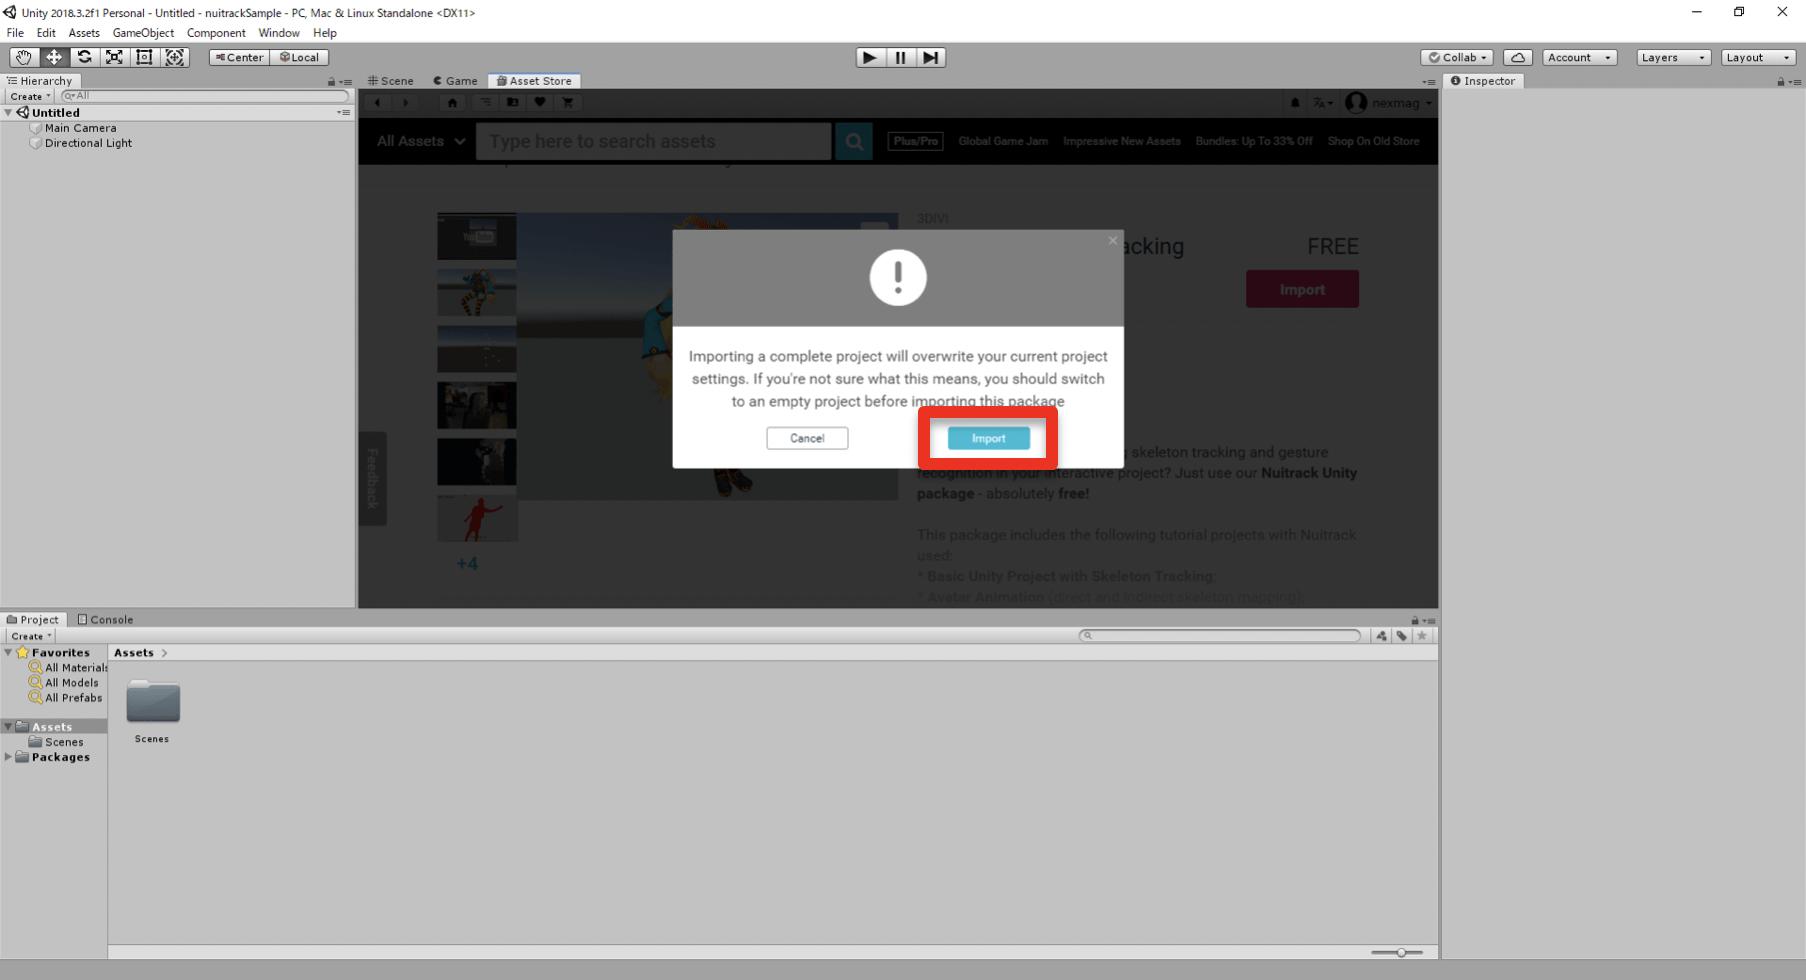 プロジェクトが完全に置き換わってしまう旨のダイアログが表示されるので確認の上「Import」ボタンをクリック